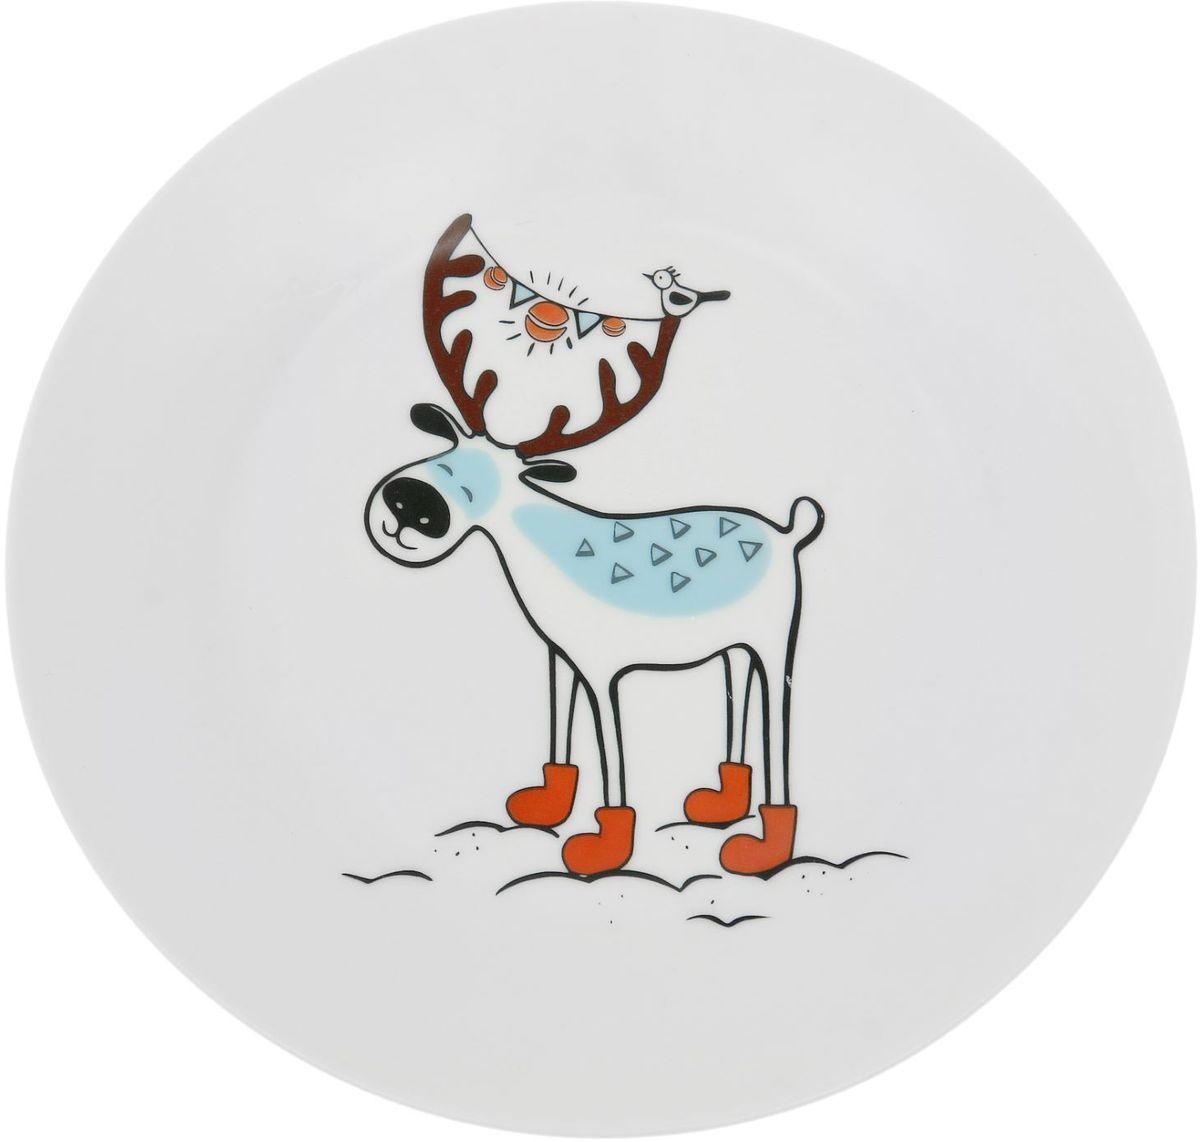 Тарелка мелкая Сотвори чудо Северный олень, диаметр 20 см54 009312Хотите обновить интерьер кухни или гостиной? Устраиваете необычную фотосессию или тематический праздник? А может, просто ищете подарок для близкого человека? Посуда Сотвори Чудо — правильный выбор в любой ситуации. Тарелка Сотвори Чудо, изготовленная из изящного фаянса нежного сливочного цвета, оформлена оригинальным рисунком со стойкой краской. Пригодна для посудомоечной машины.